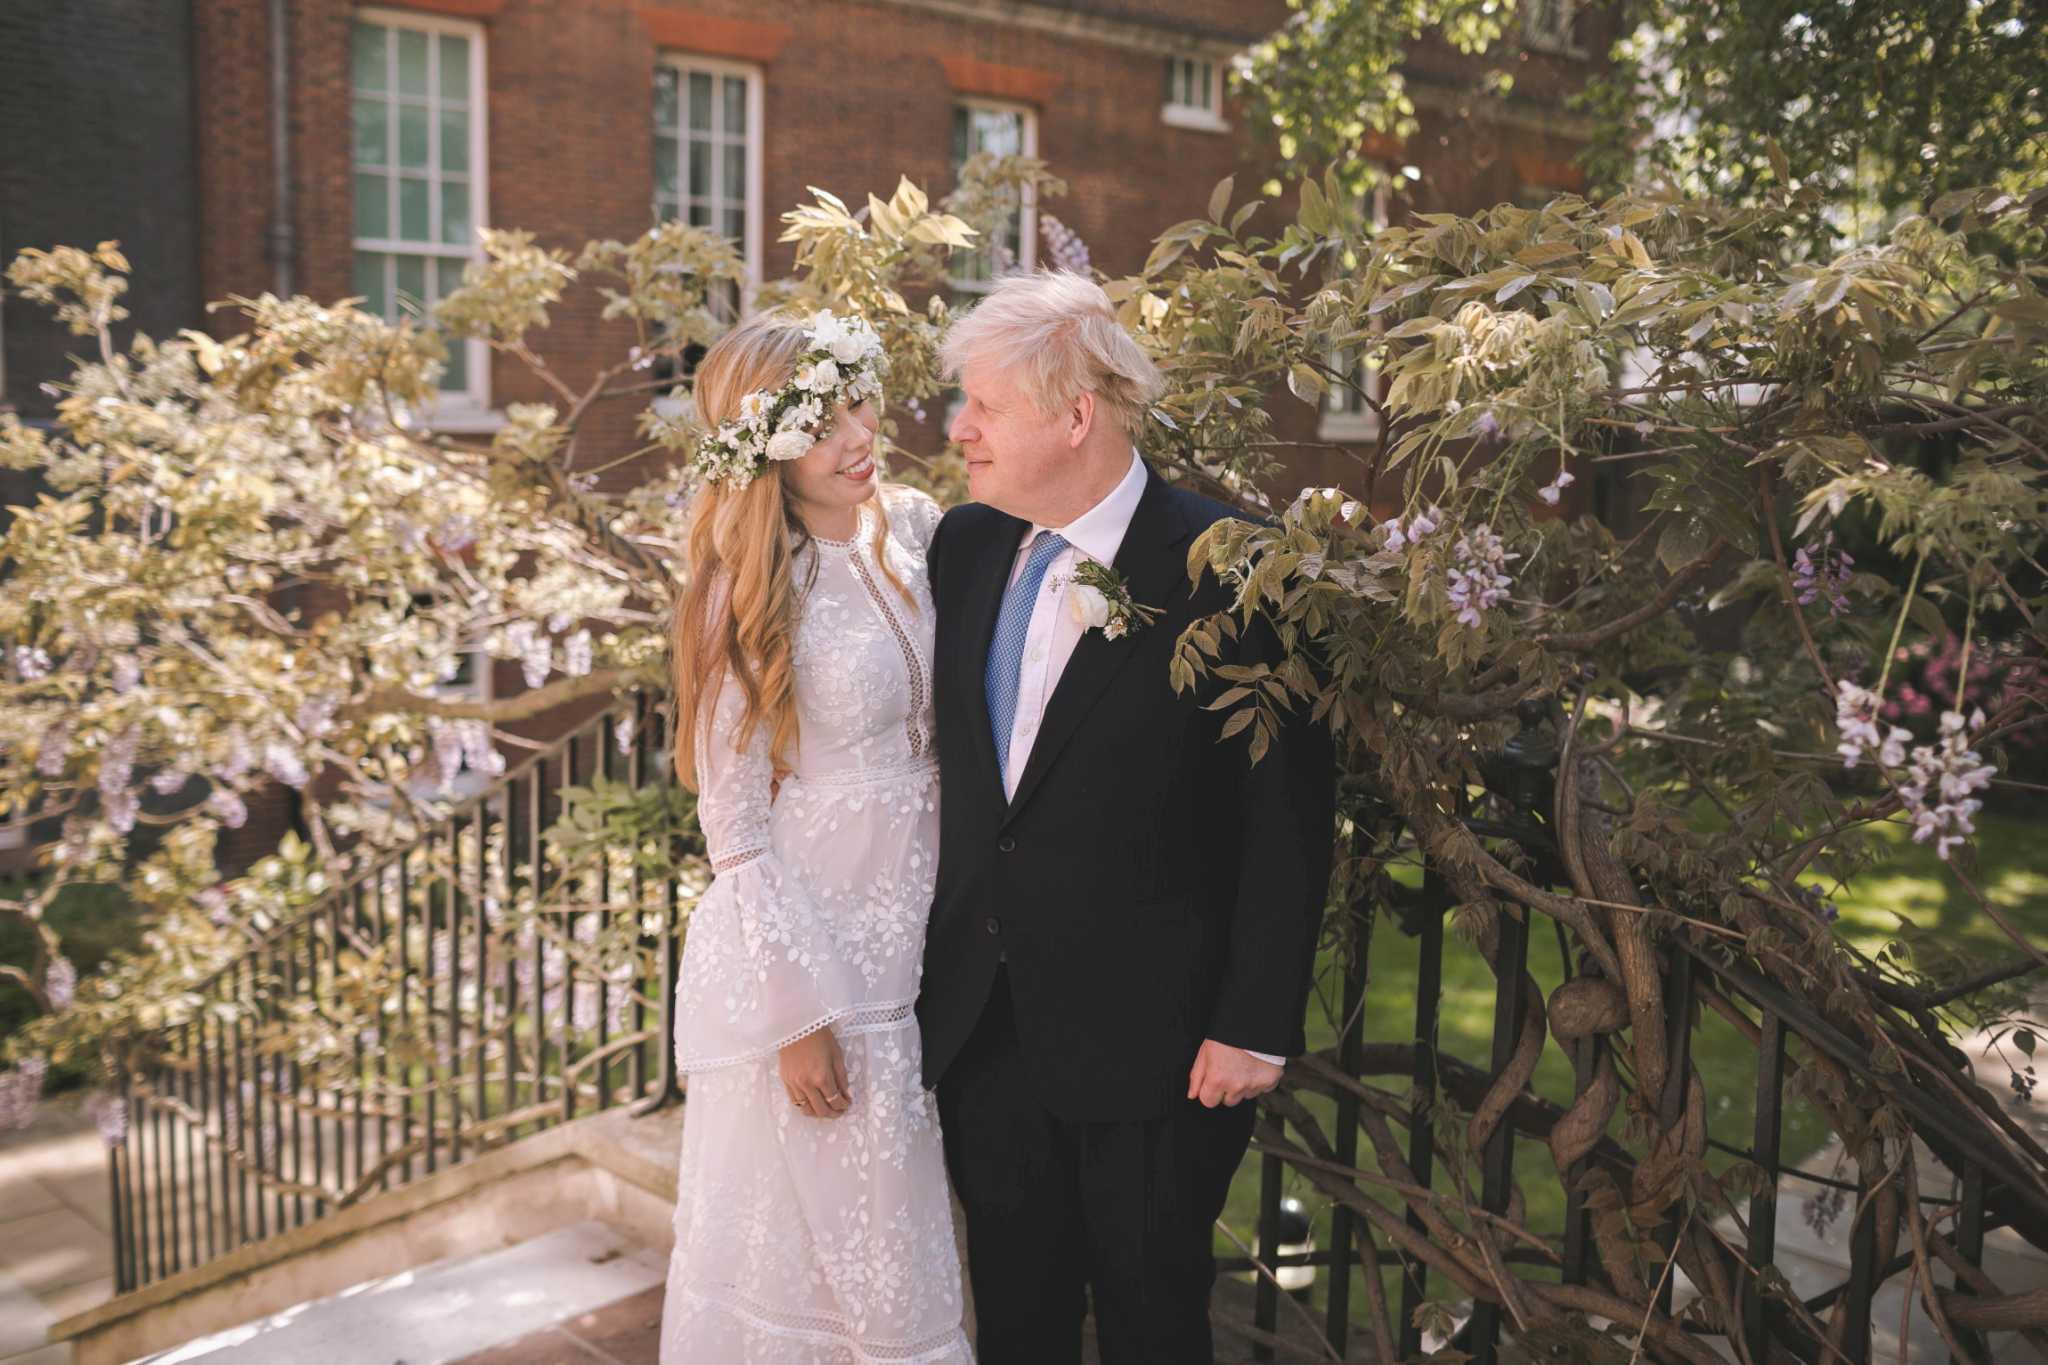 Γάμος Μπόρις Τζόνσον: 45 λίρες… νοίκιασαν το νυφικό της Κάρι